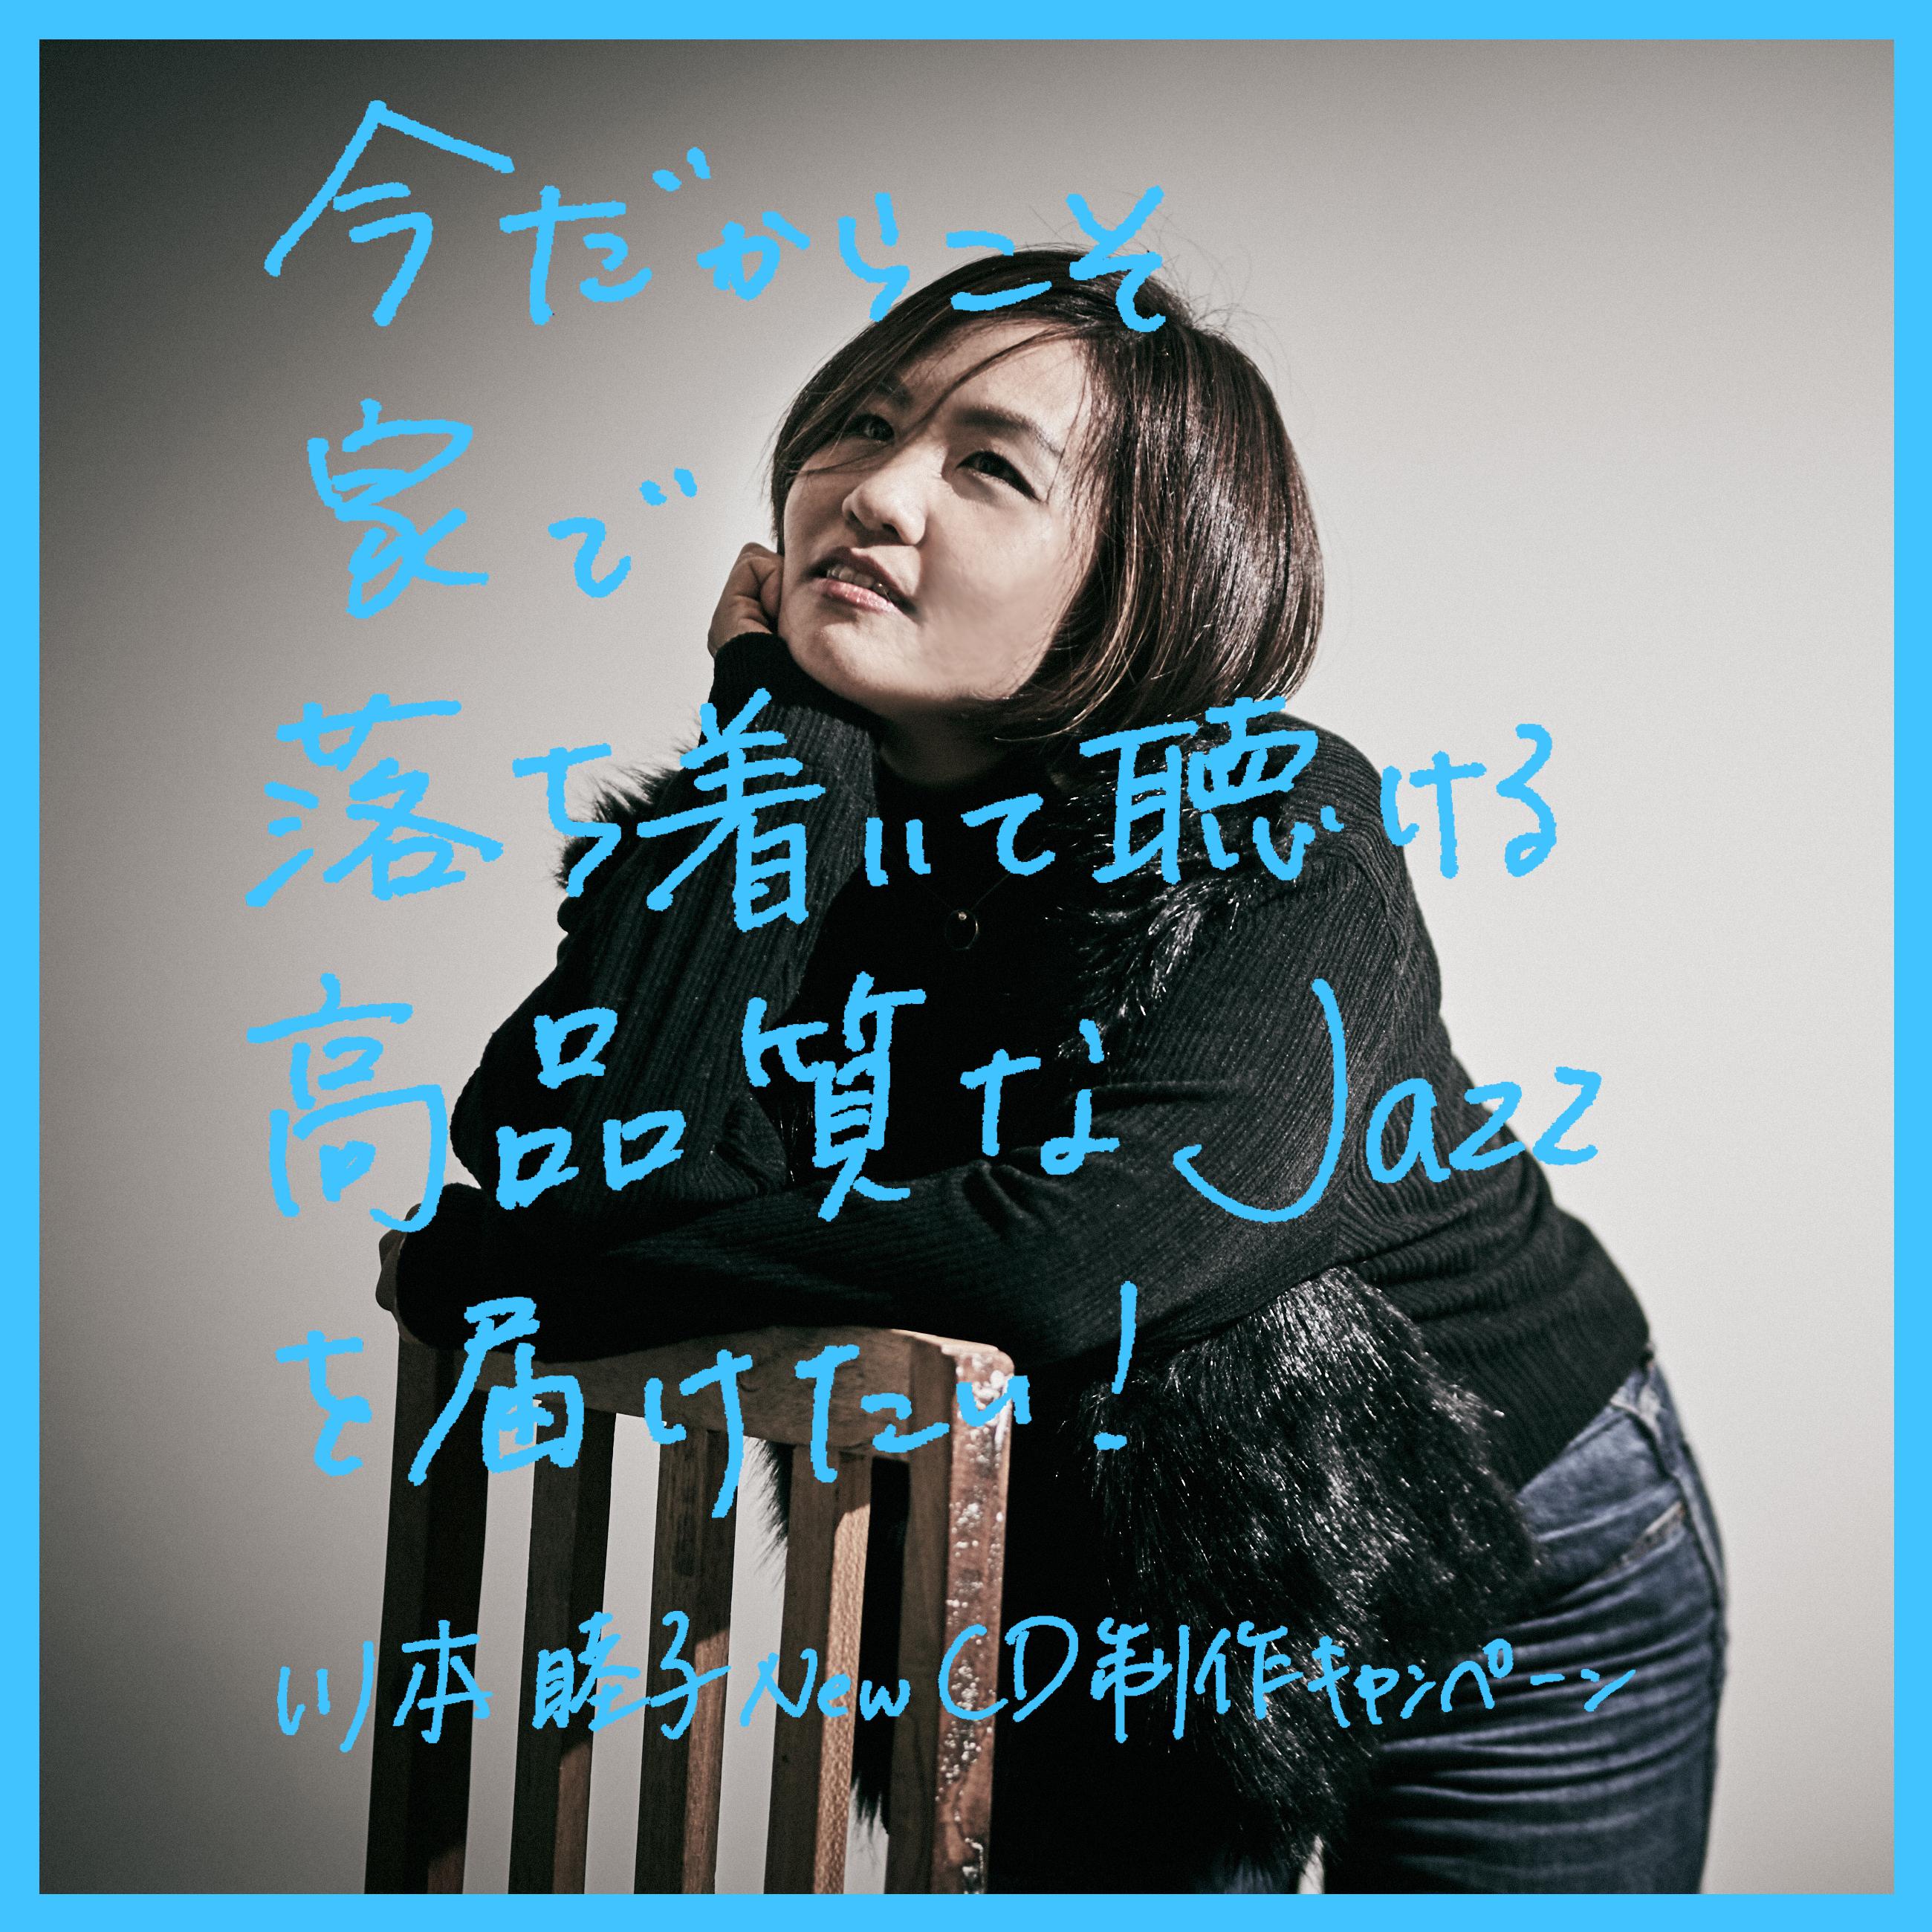 【川本睦子】今だからこそ家で落ち着いて聞ける高品質なJAZZを届けたい!NEW CD制作キャンペーン!